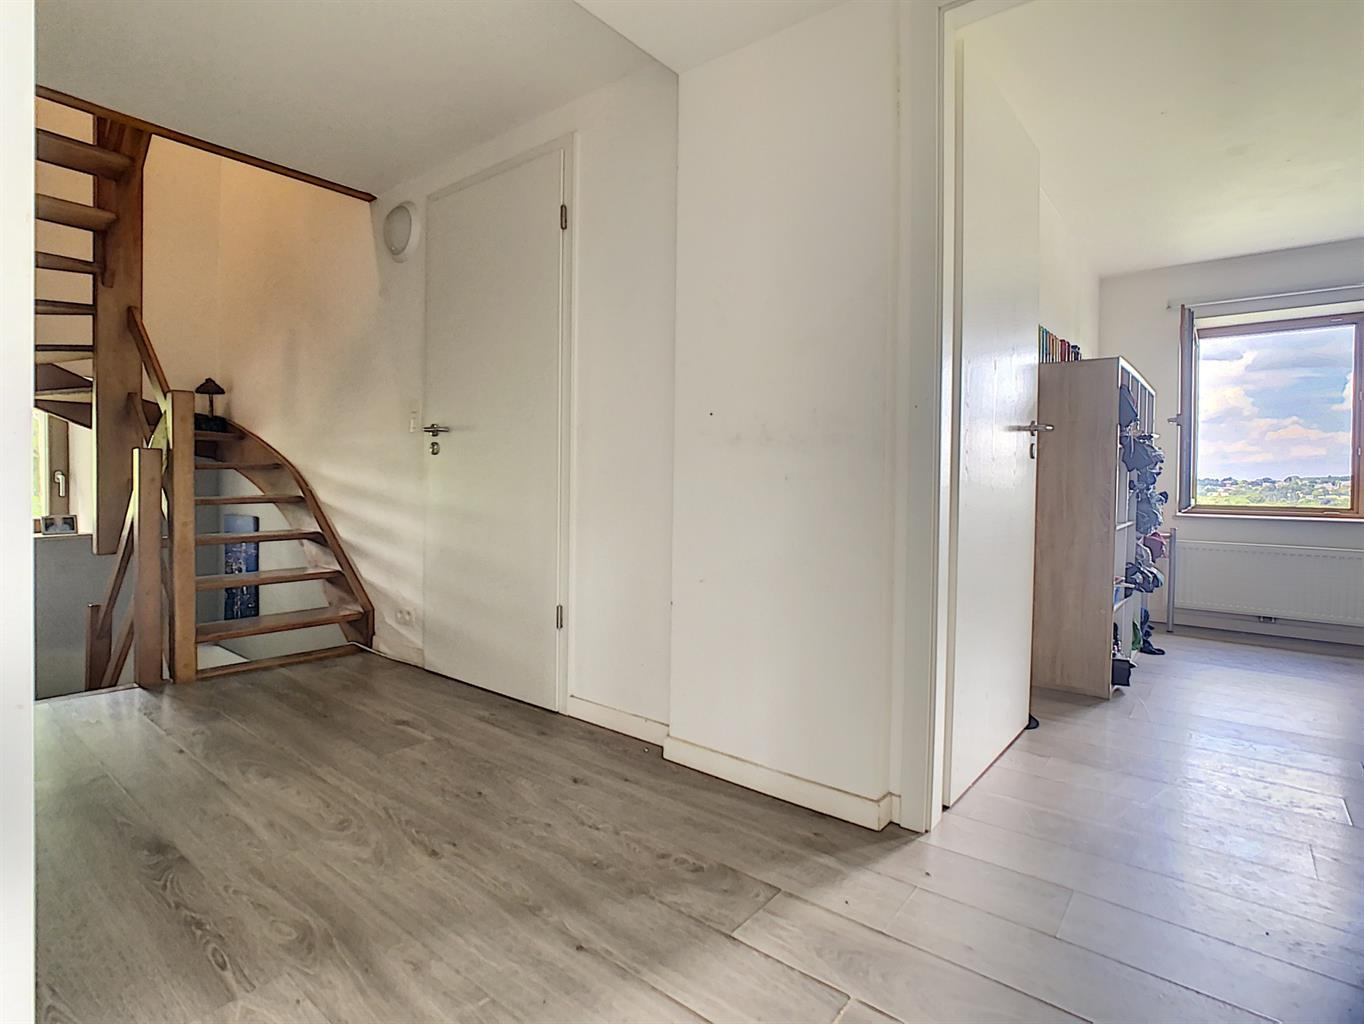 Maison - Soiron - #4422450-11